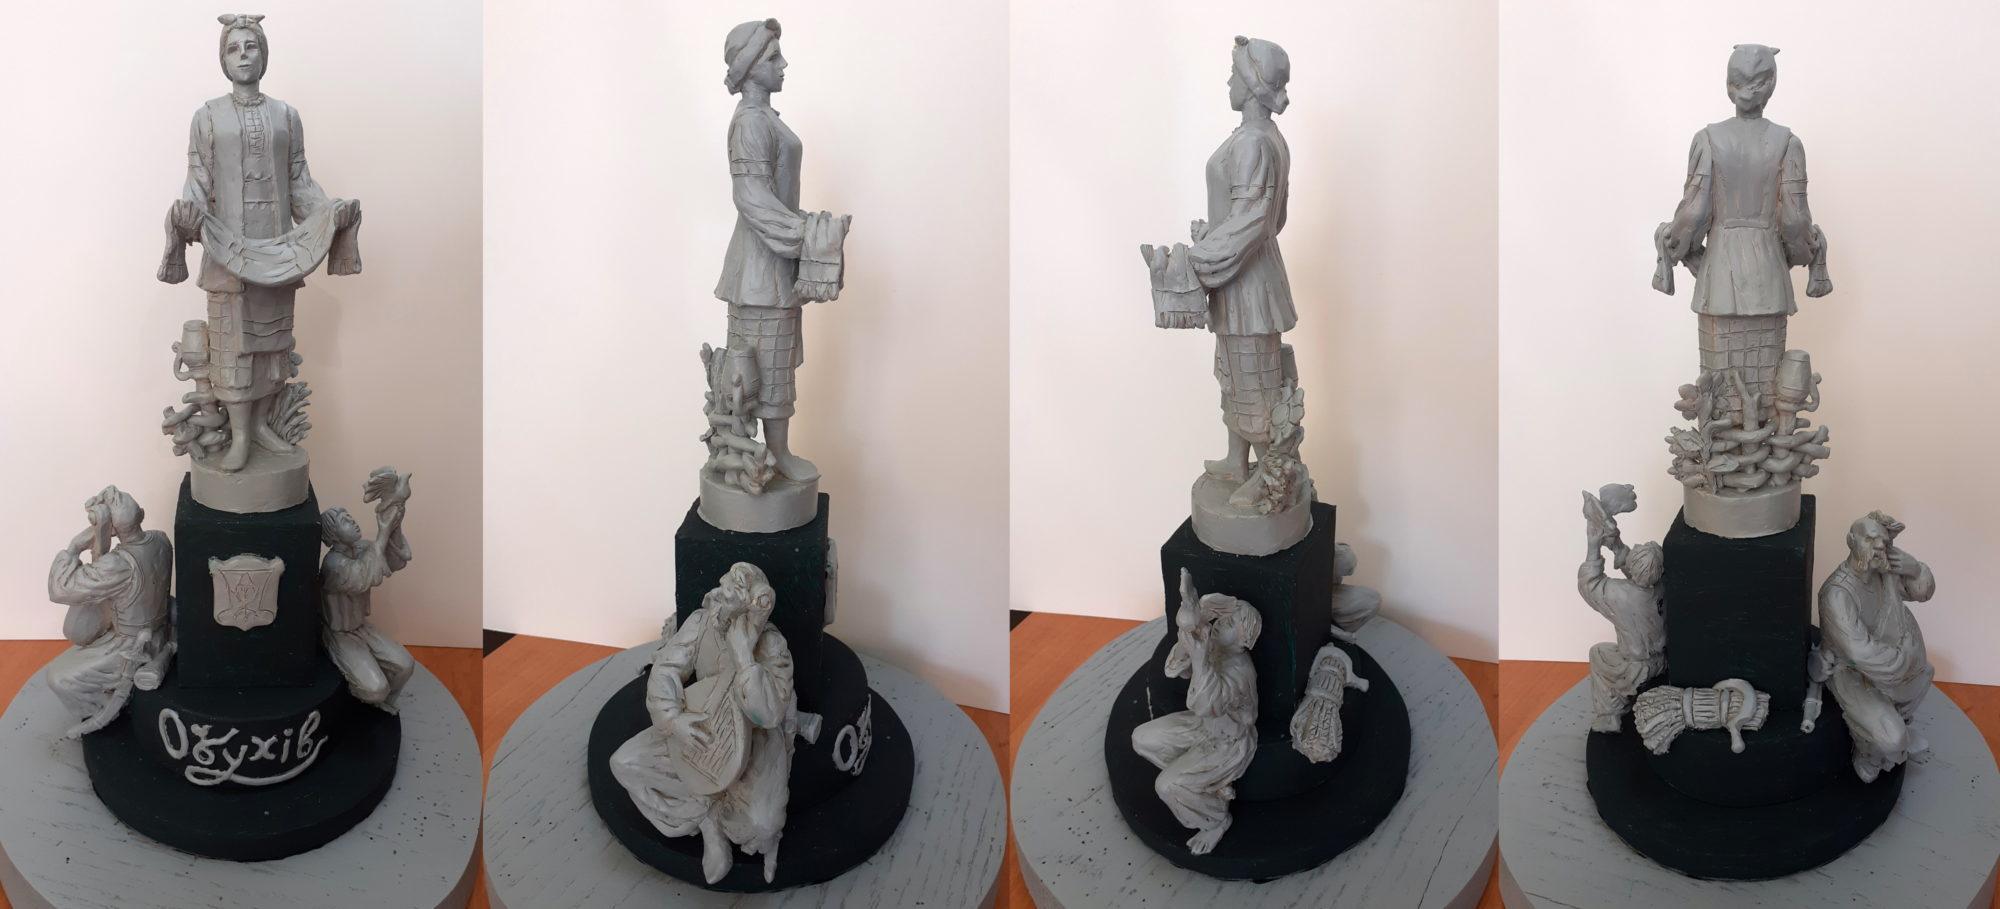 Переміг №7: обухівці обрали пам'ятник для центральної площі міста -  - 7P 2000x909 2000x909